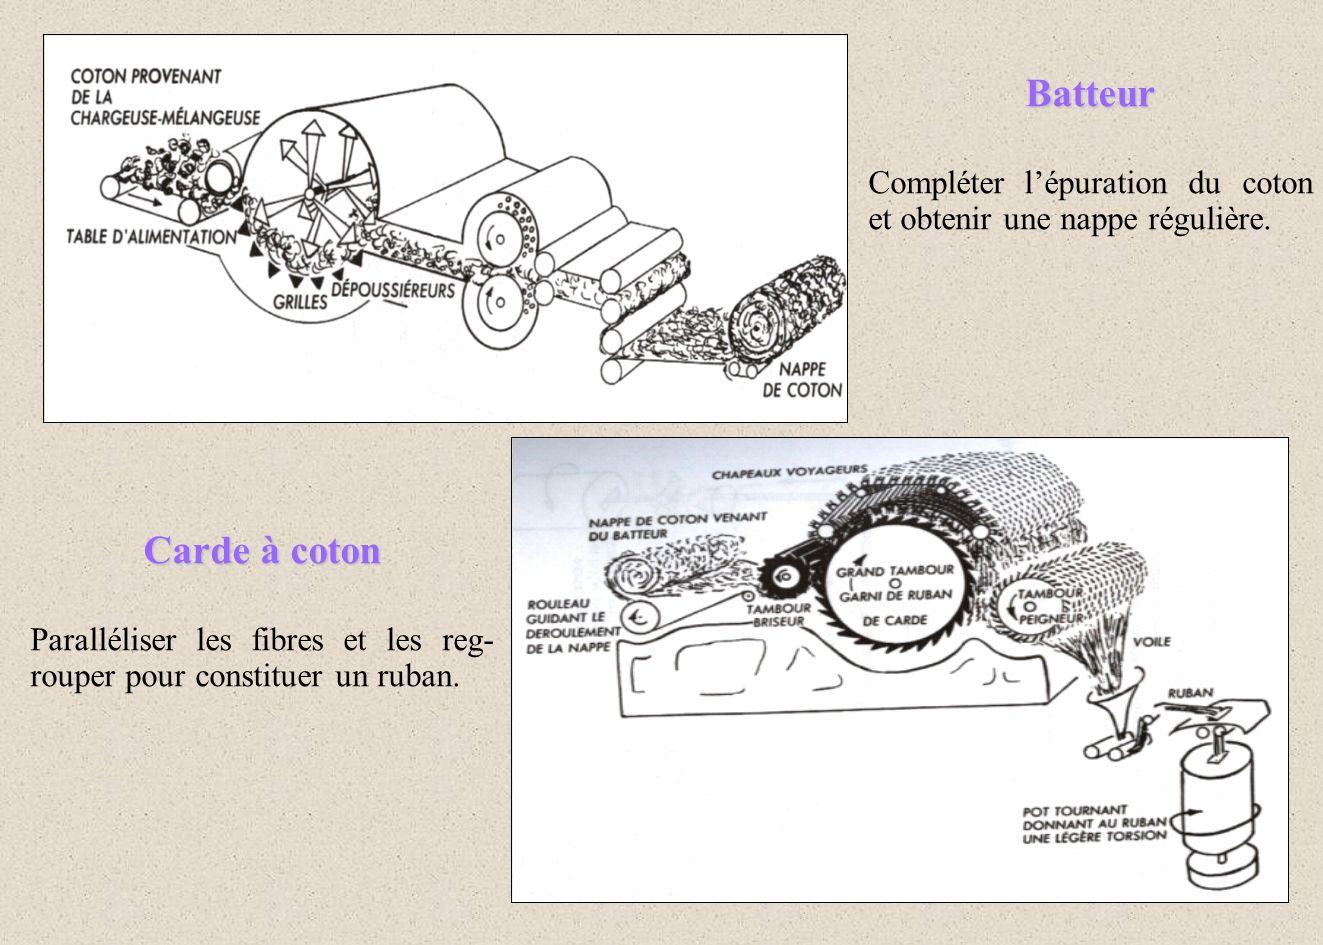 Batteur Compléter lépuration du coton et obtenir une nappe régulière. Carde à coton Paralléliser les fibres et les reg- rouper pour constituer un ruba